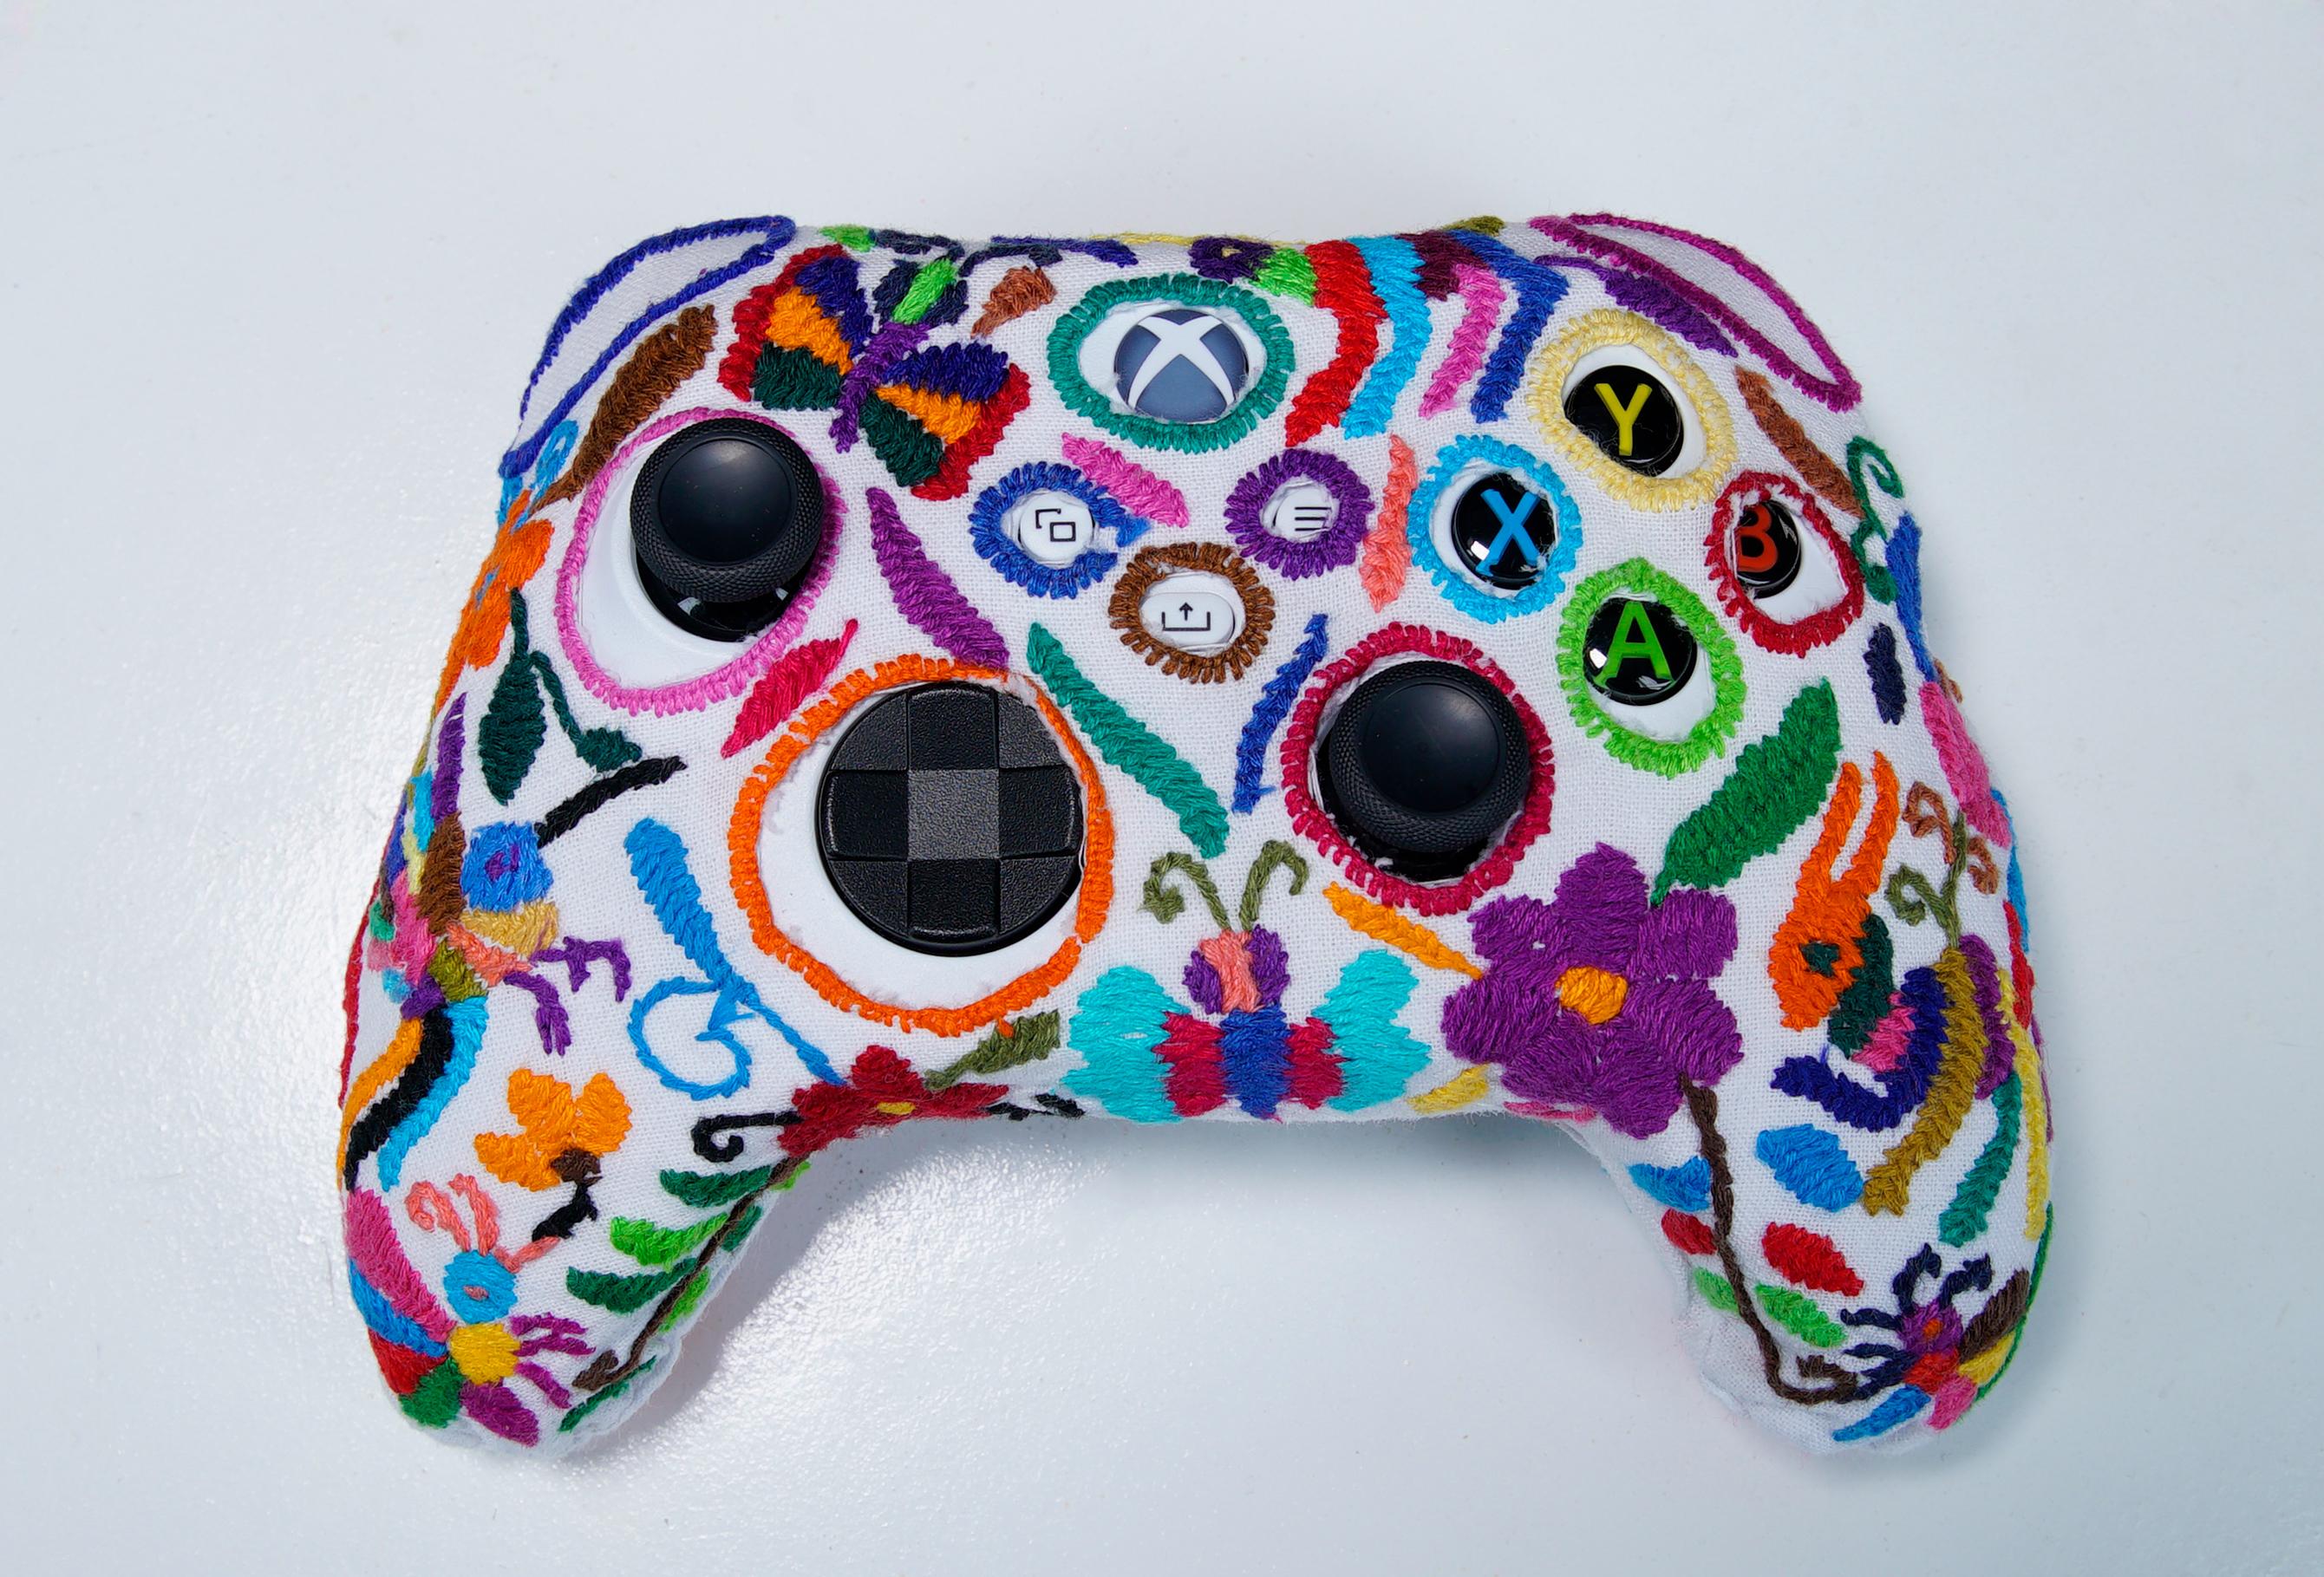 Control de Xbox con arte Tenango